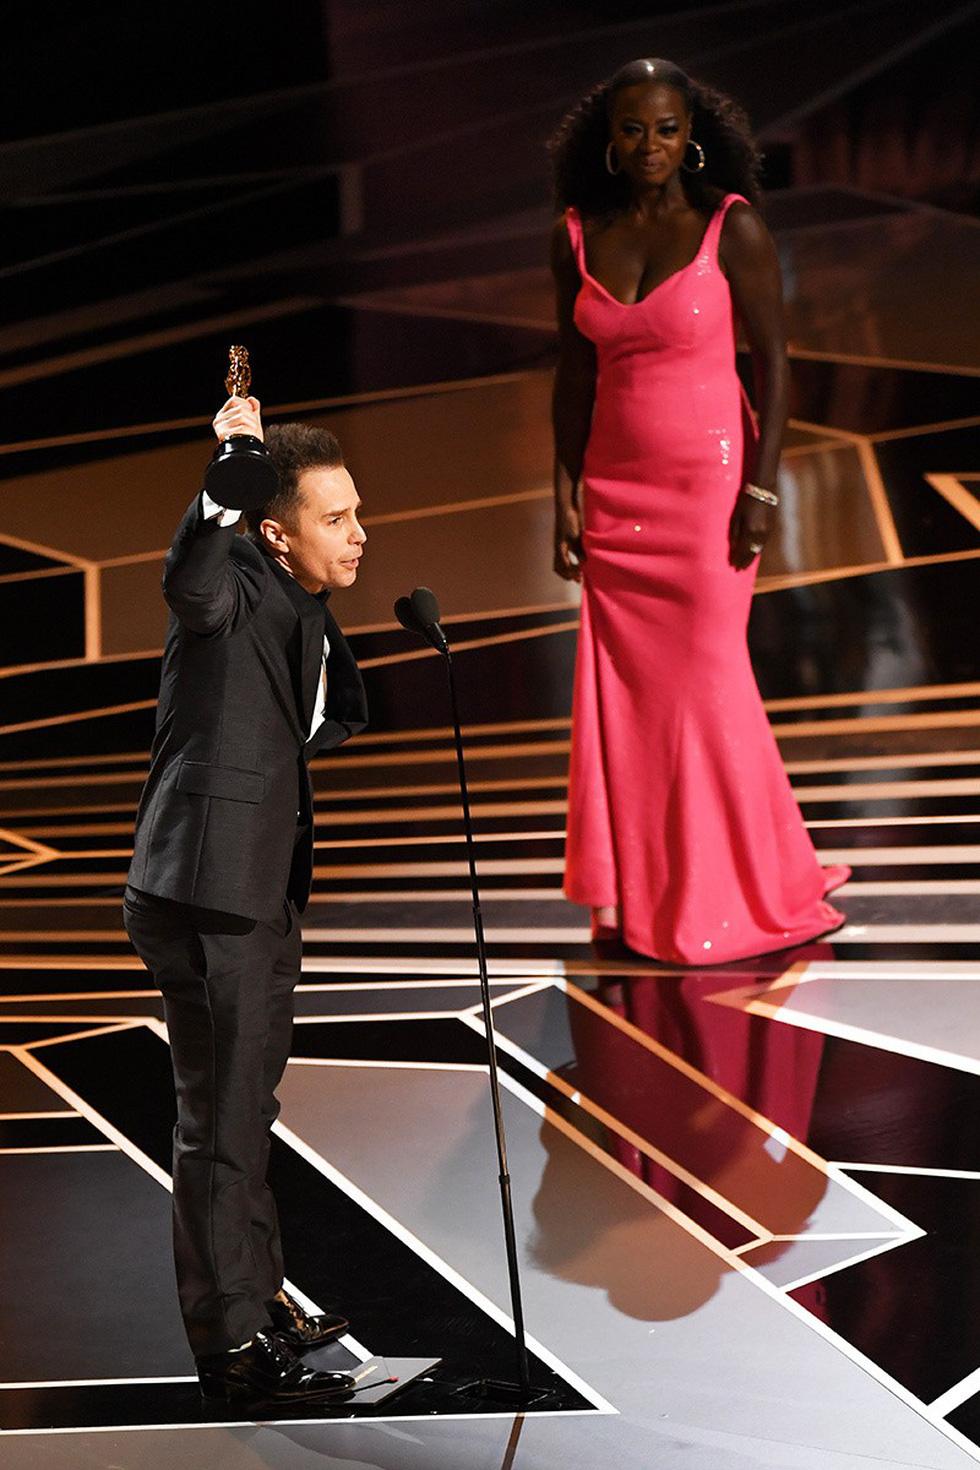 Những tên tuổi nổi tiếng đến Oscar lần thứ 90 để trao giải  - Ảnh 2.